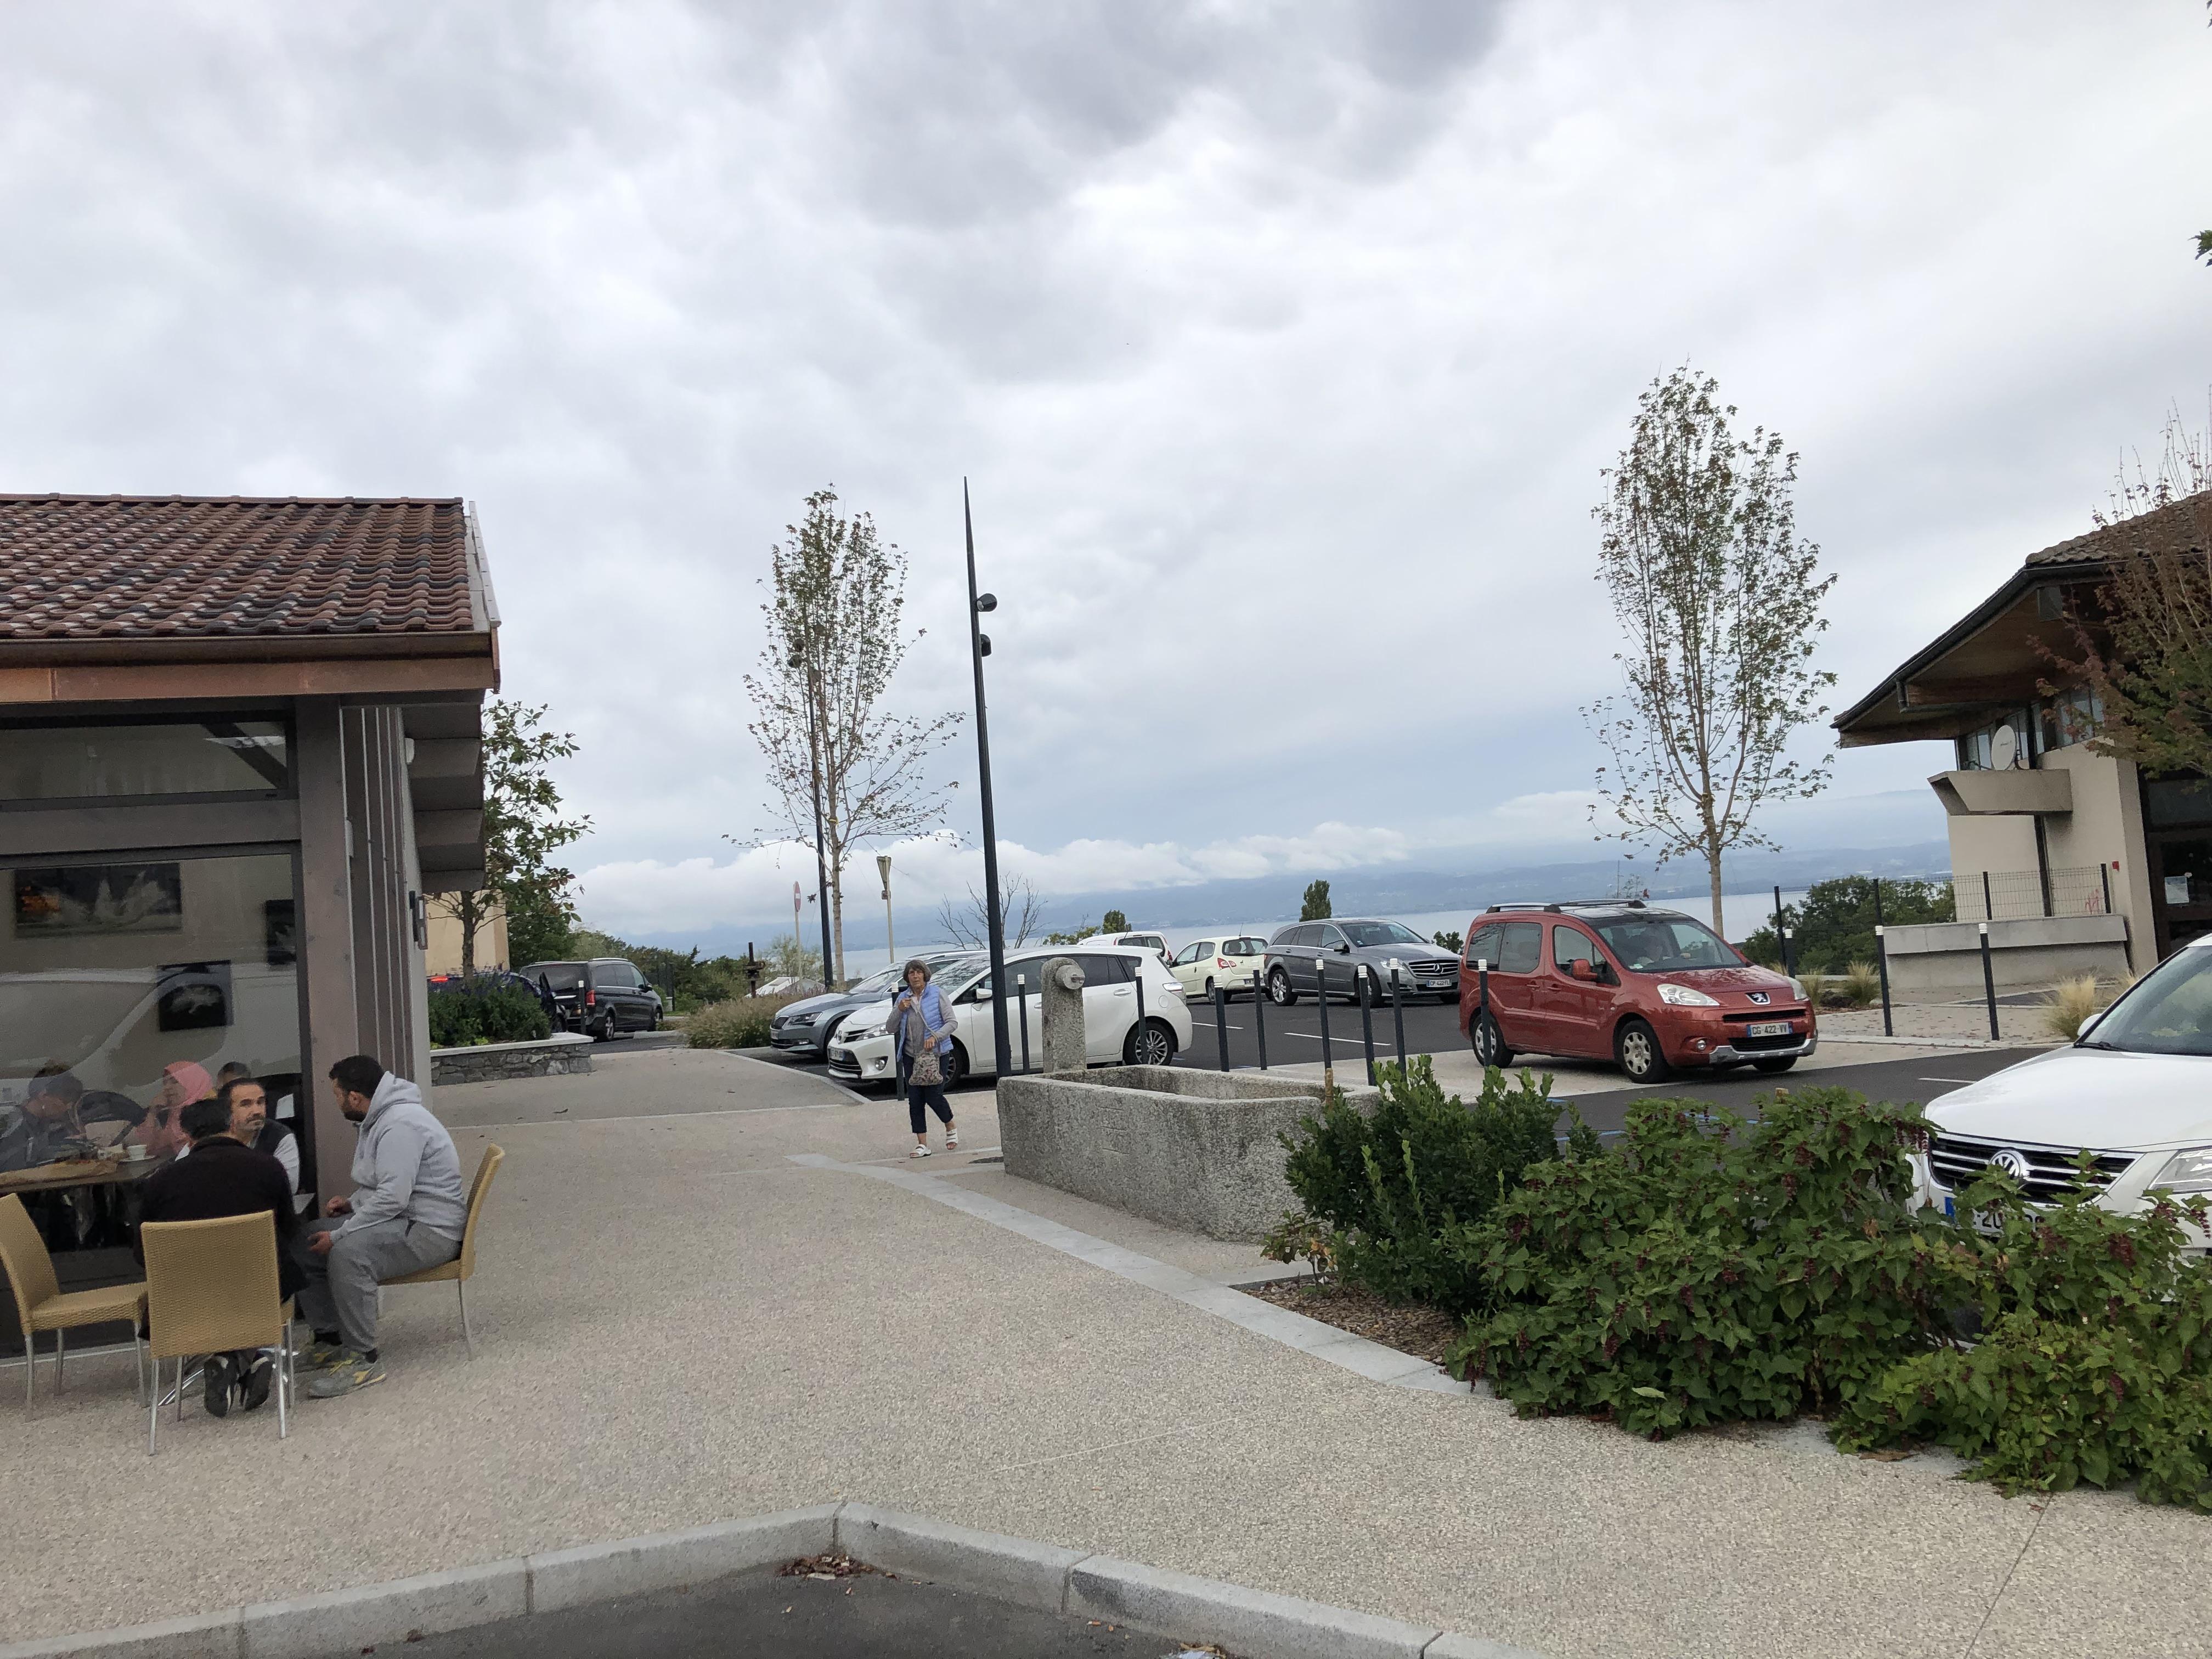 La destruction de la grange et de deux bâtiments a permis d'agrandir le parking et de dégager la vue sur le lac.